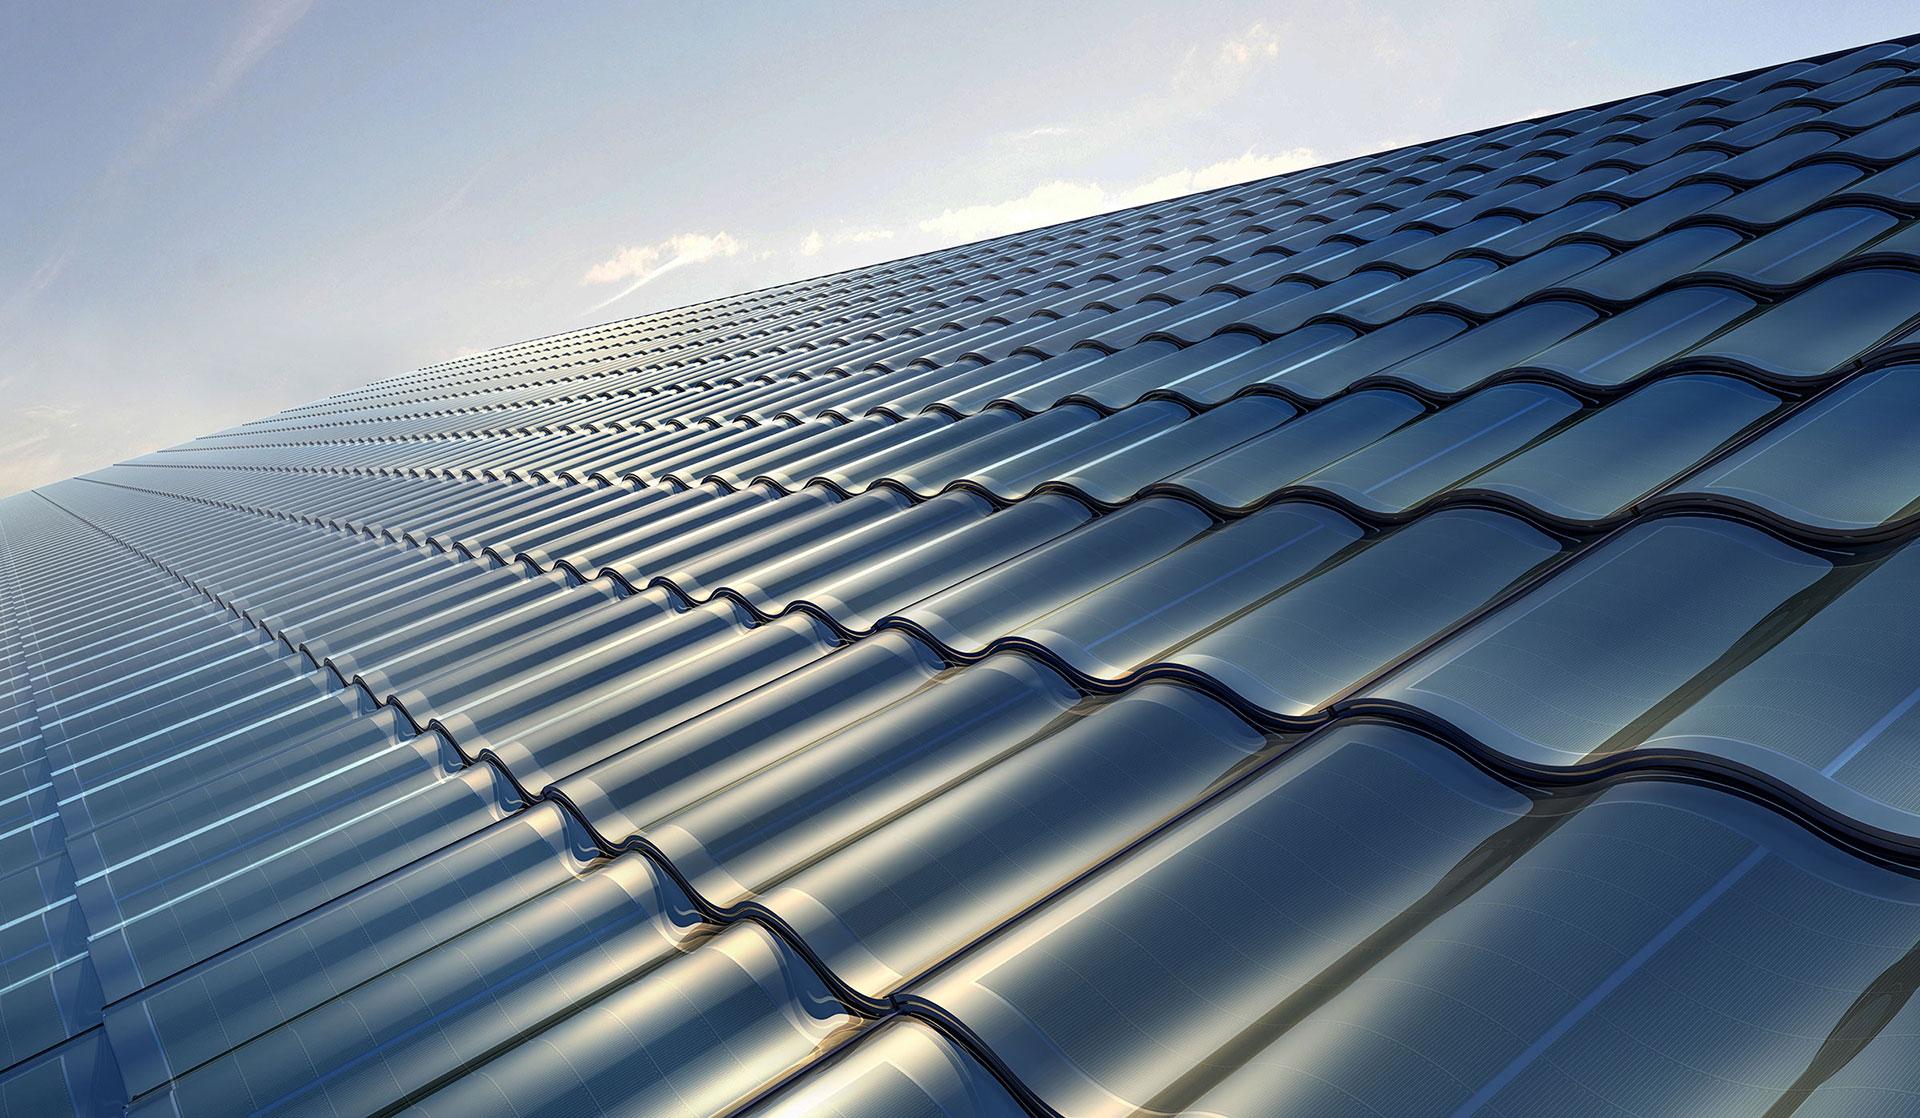 Komplett solcellstak med solceller integrerade i takpannan